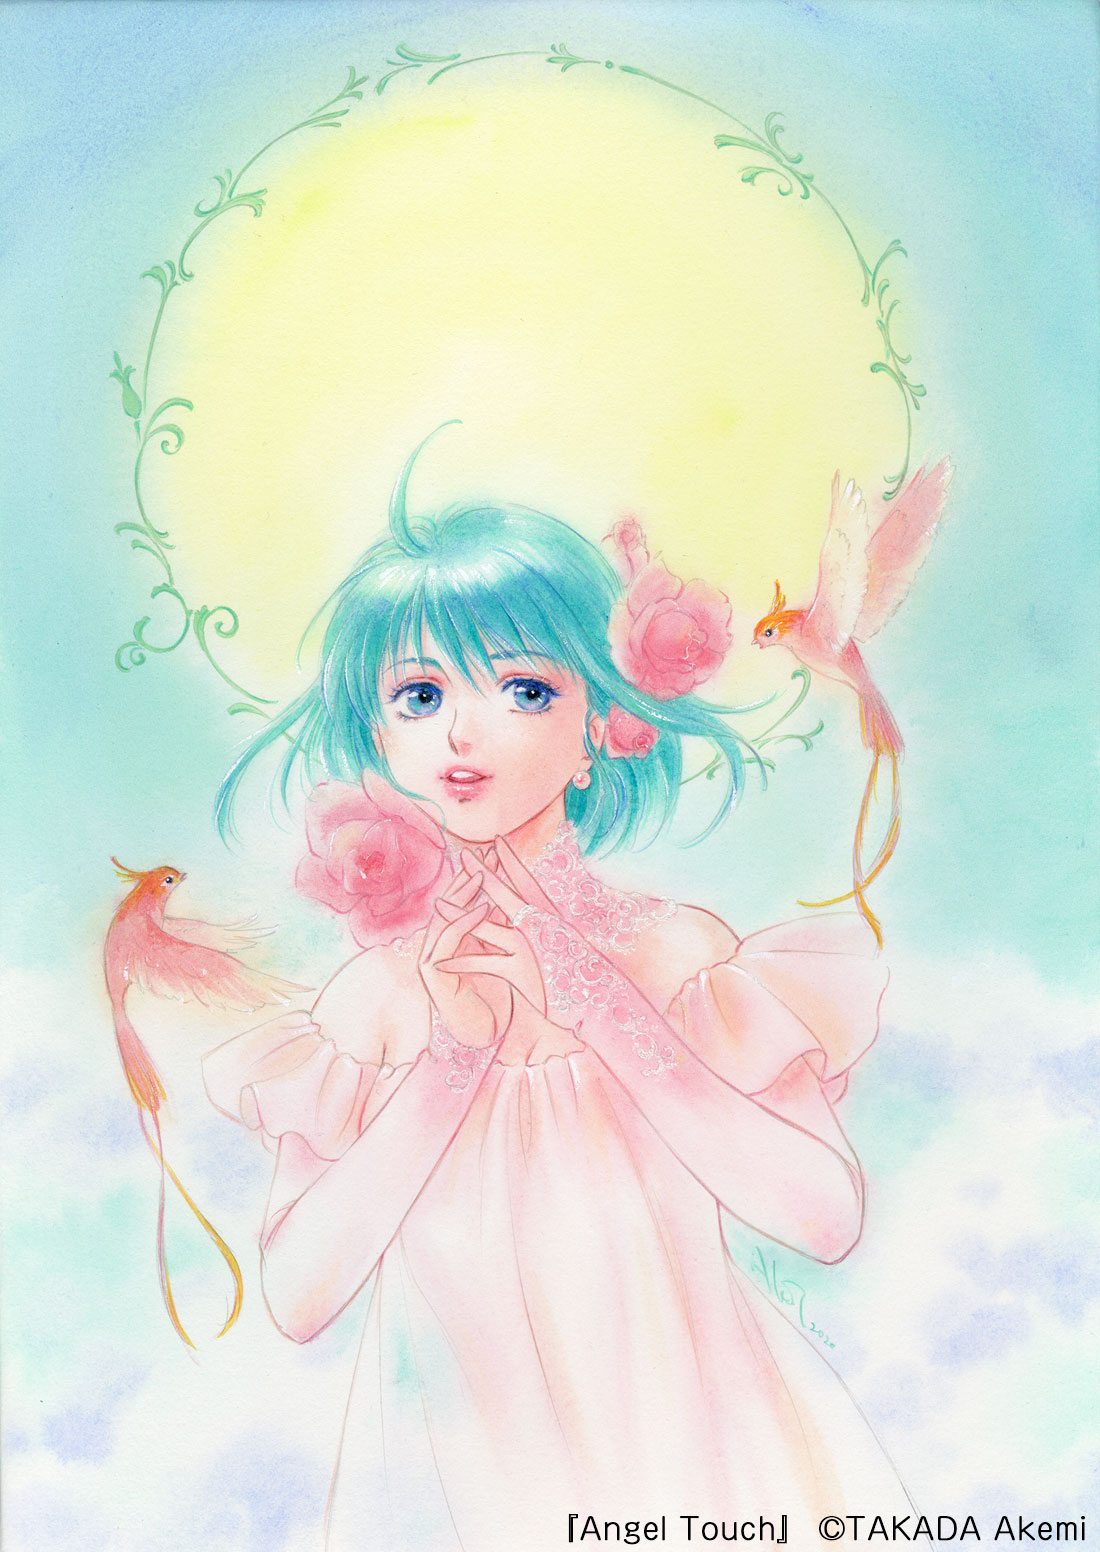 「高田明美展 Angel Touch」を倉敷市立美術館で開催中。11月8日まで。